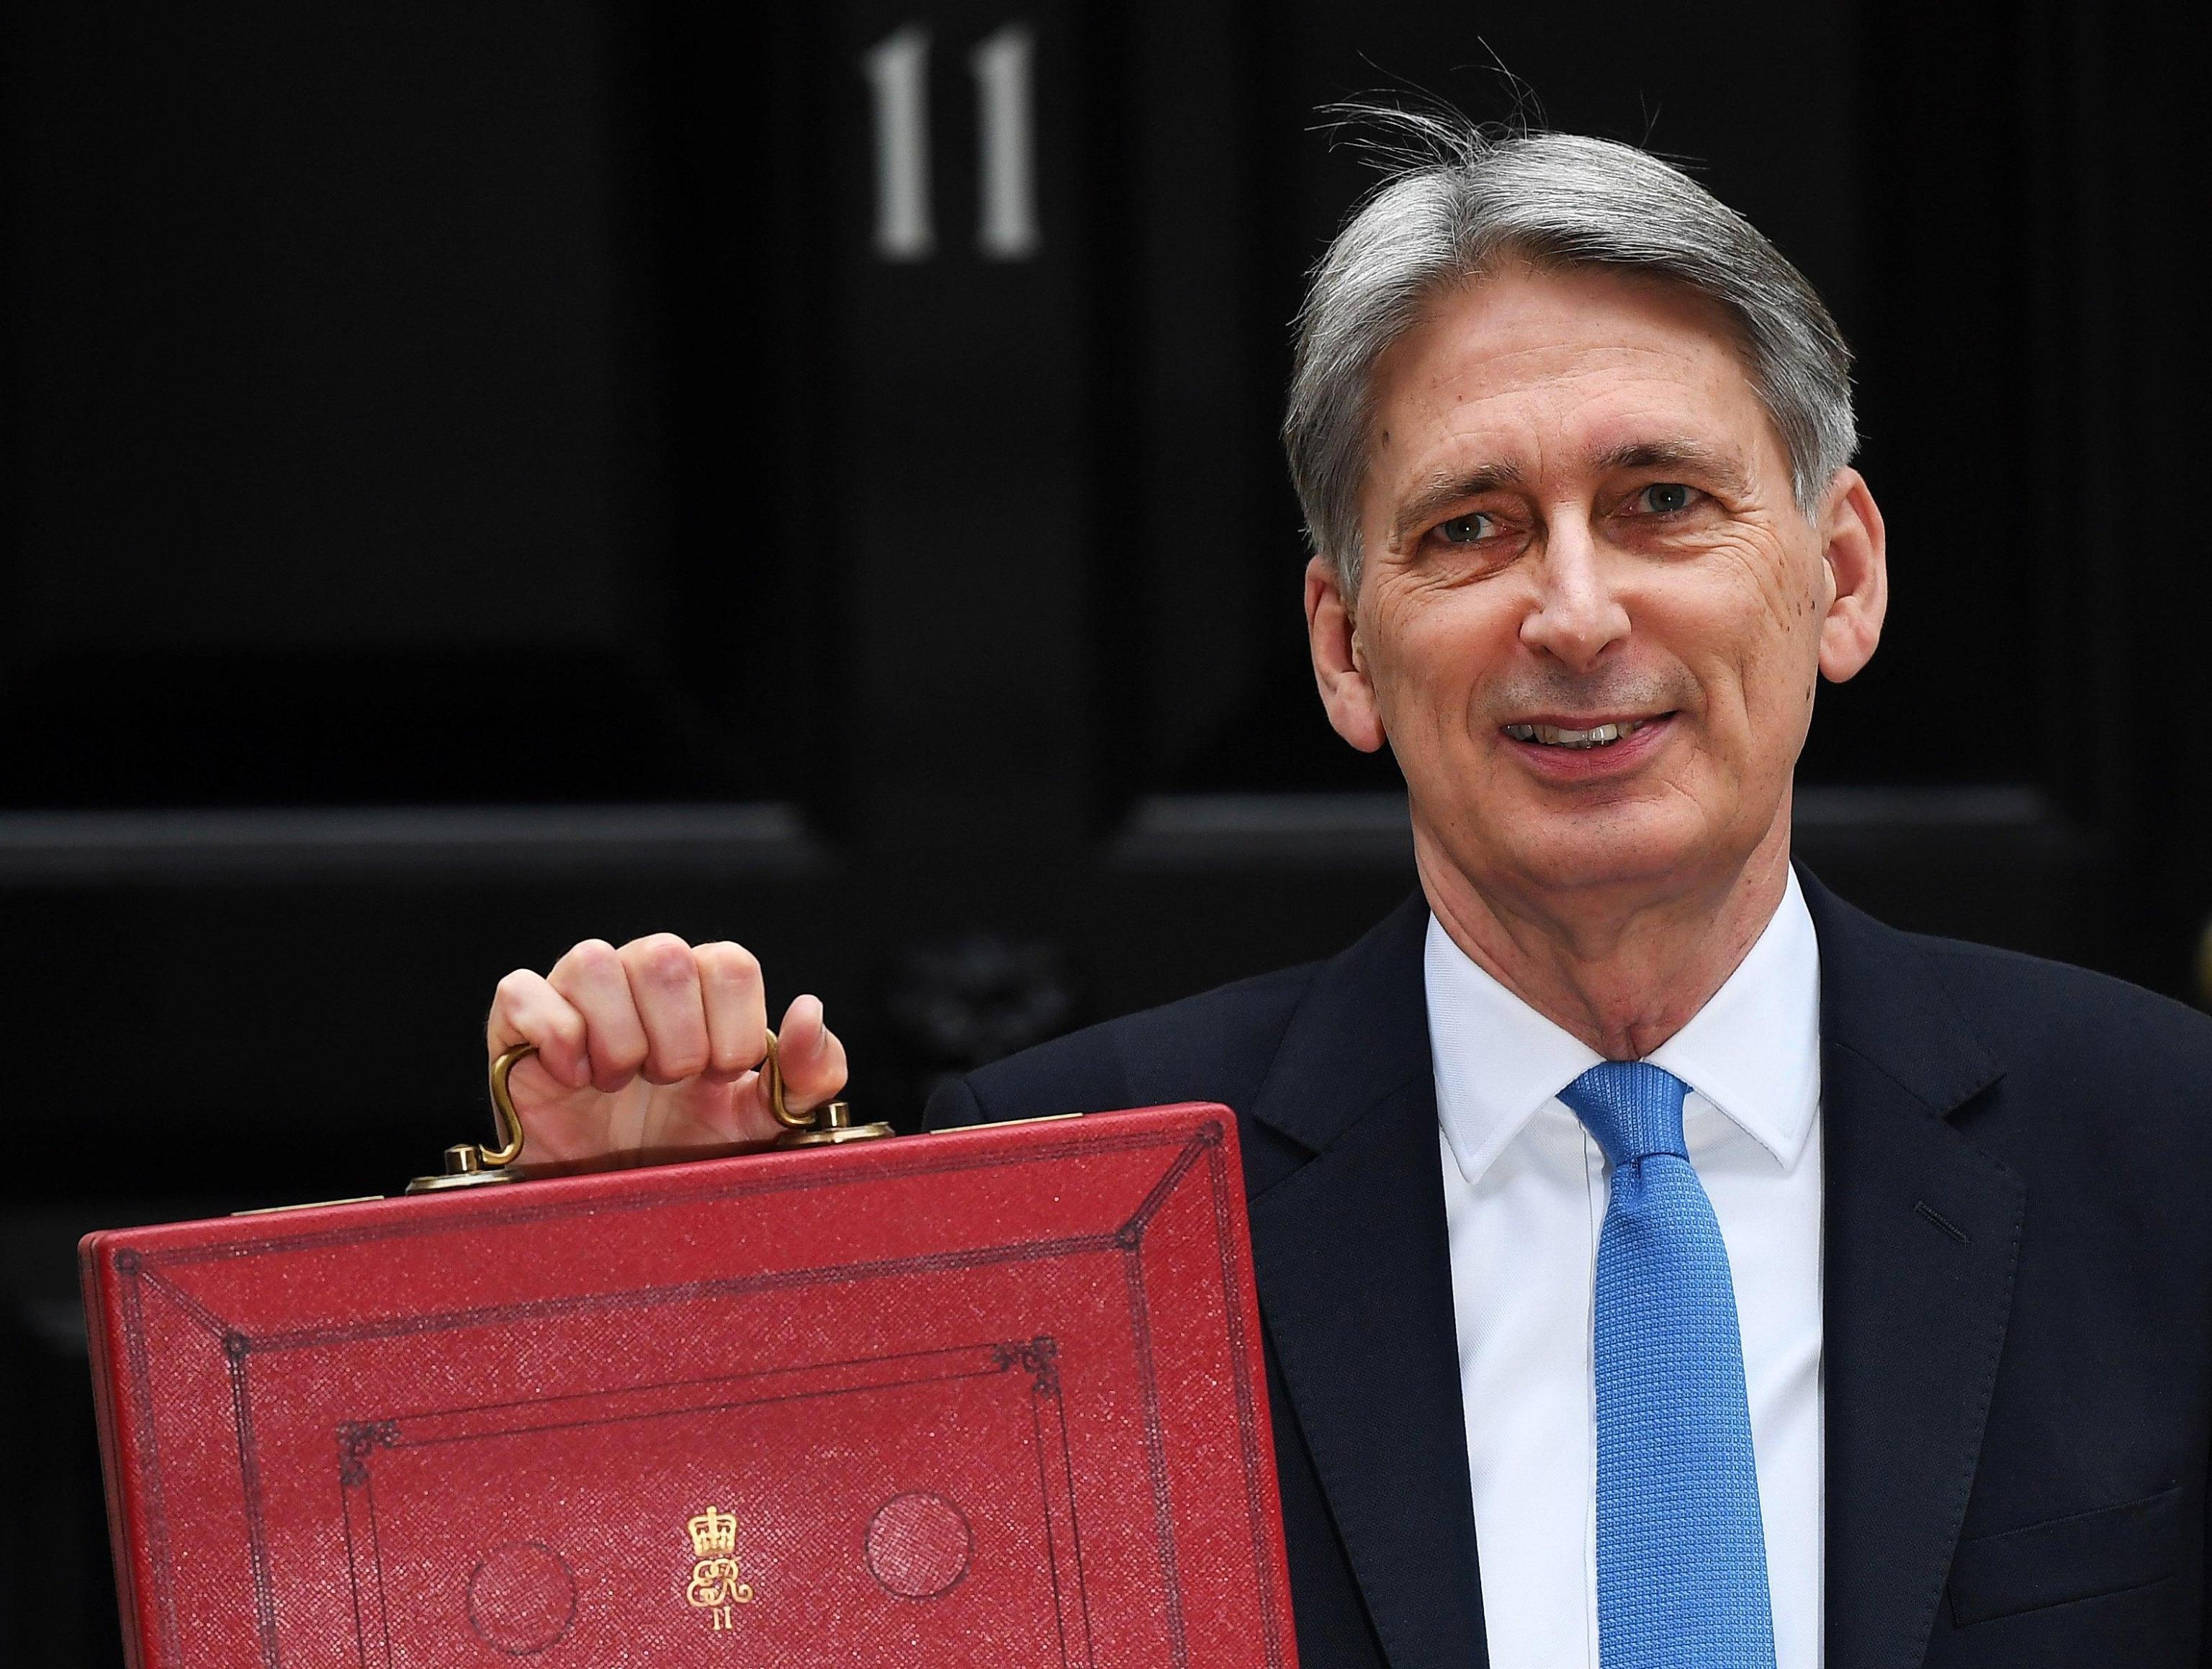 Finanziaria,'Hammond fuori dalla realtà'